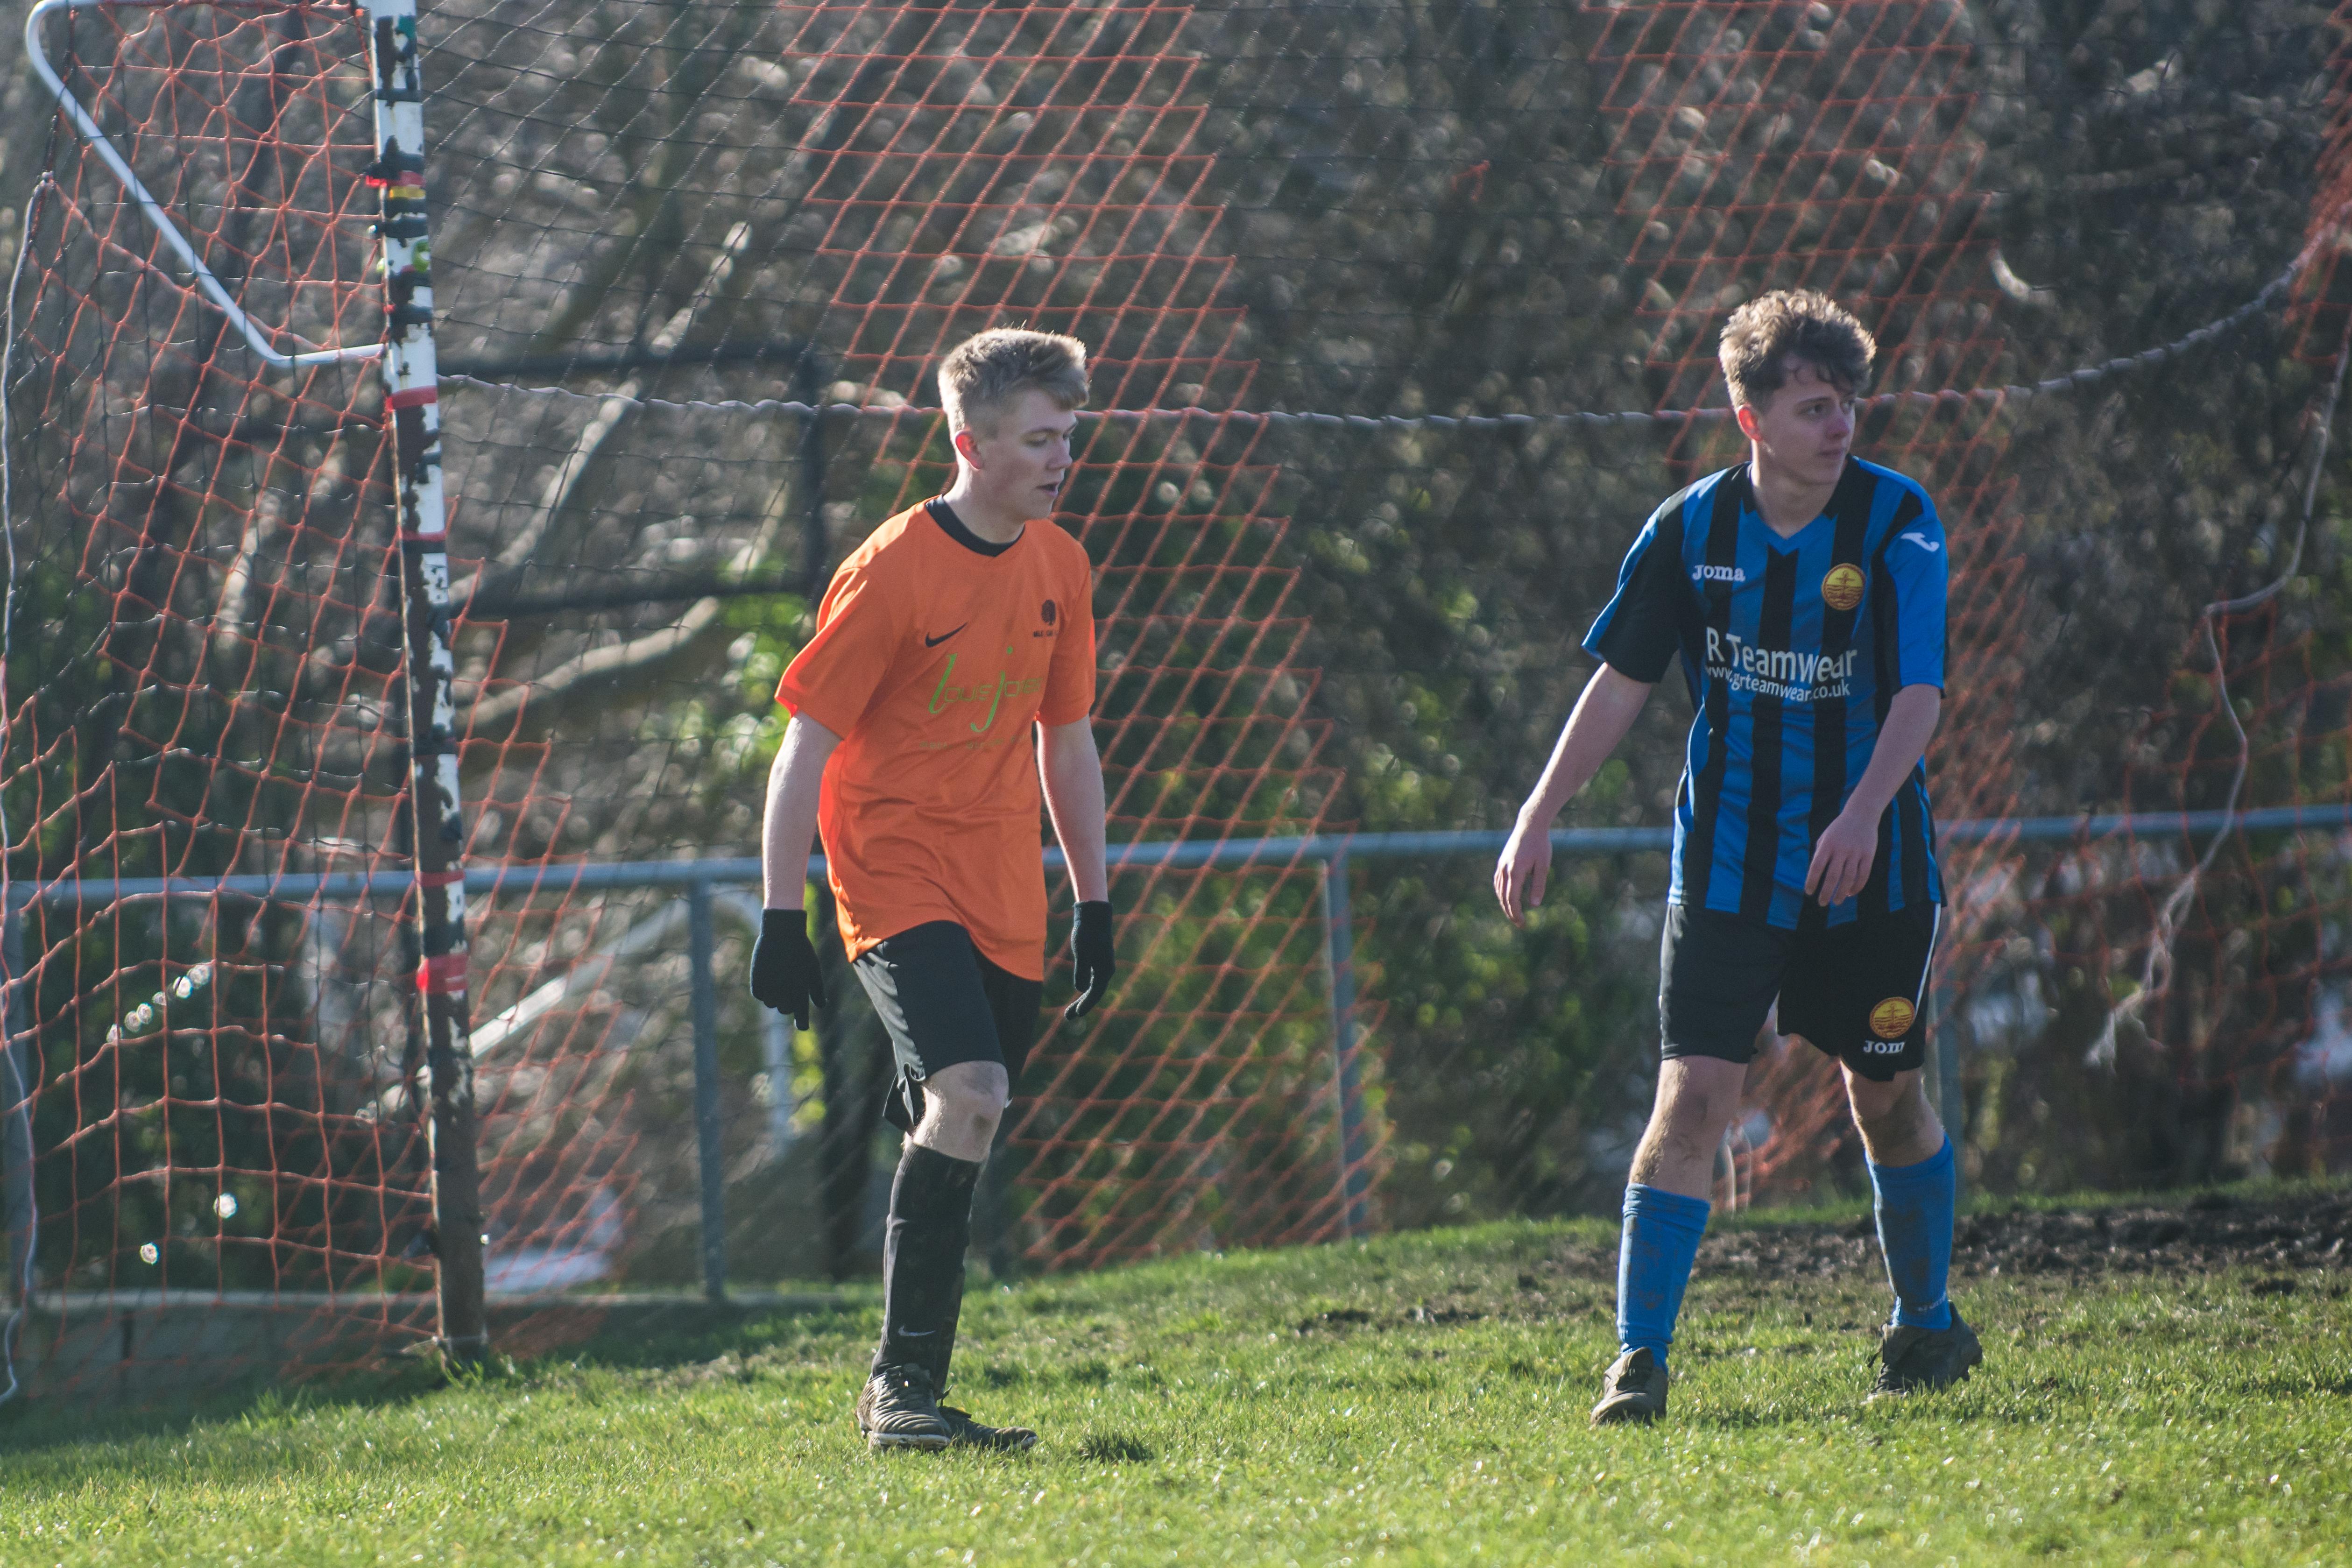 Mile Oak FC U18s vs Newhaven FC U18s 04.02.18 41